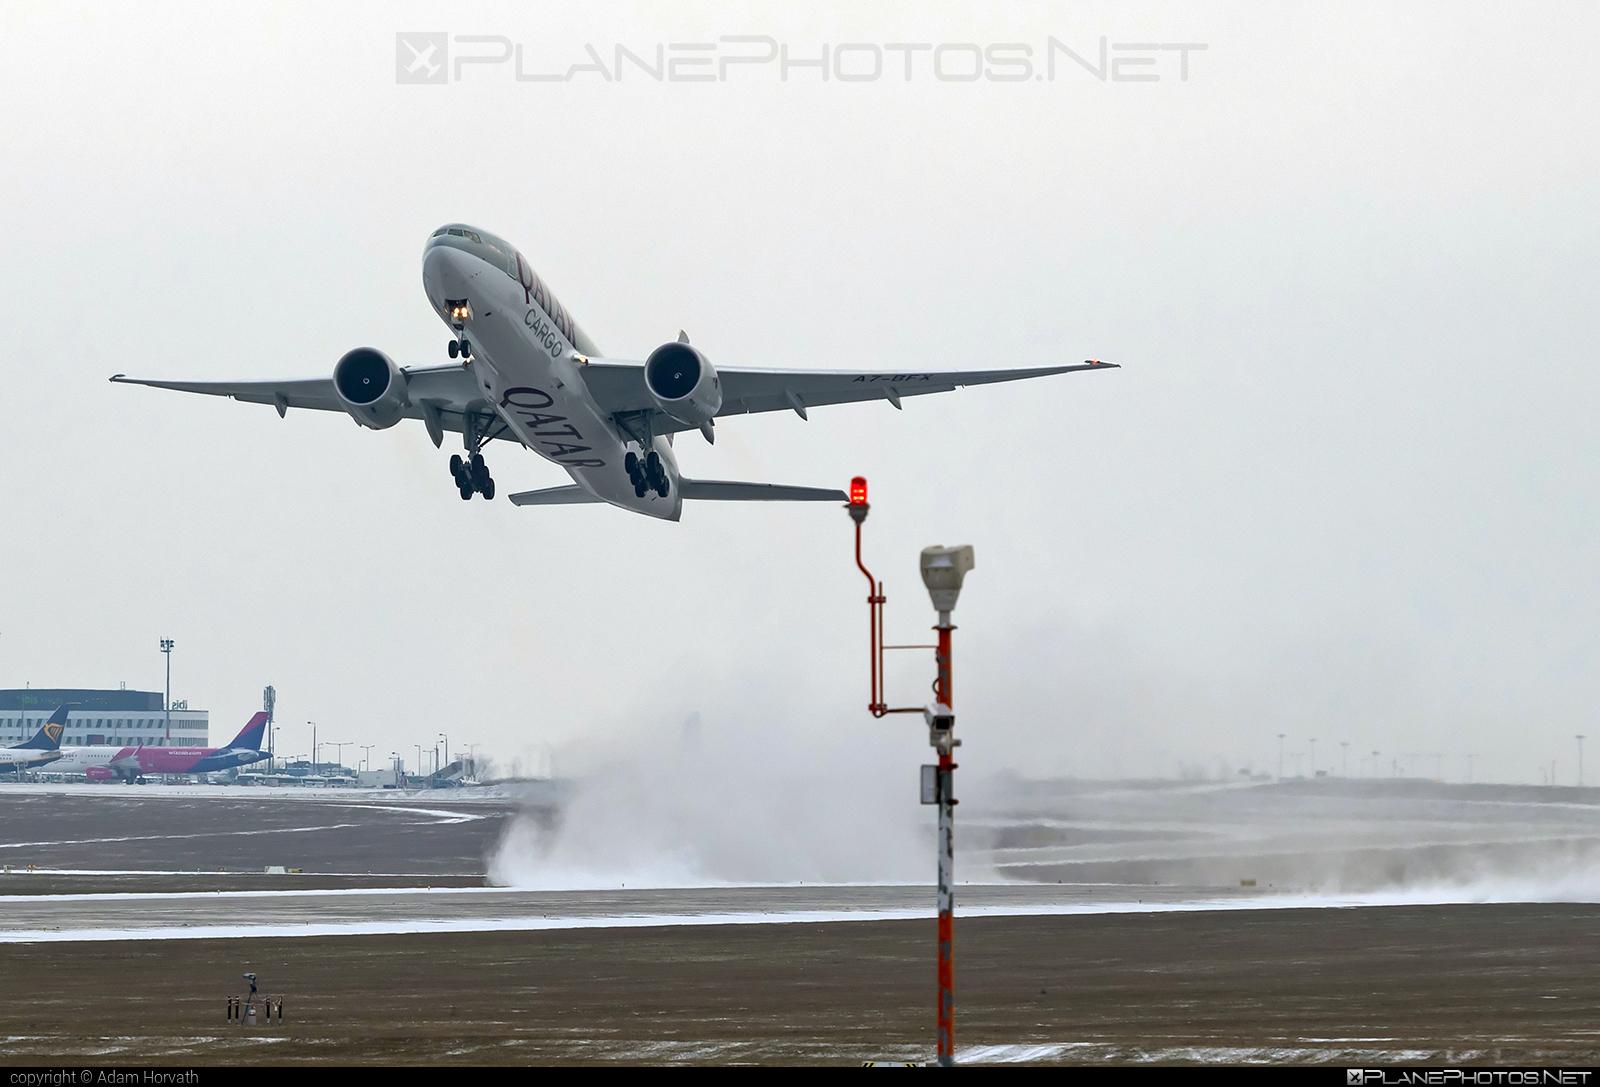 Boeing 777F - A7-BFX operated by Qatar Airways Cargo #b777 #b777f #b777freighter #boeing #boeing777 #qatarairwayscargo #tripleseven